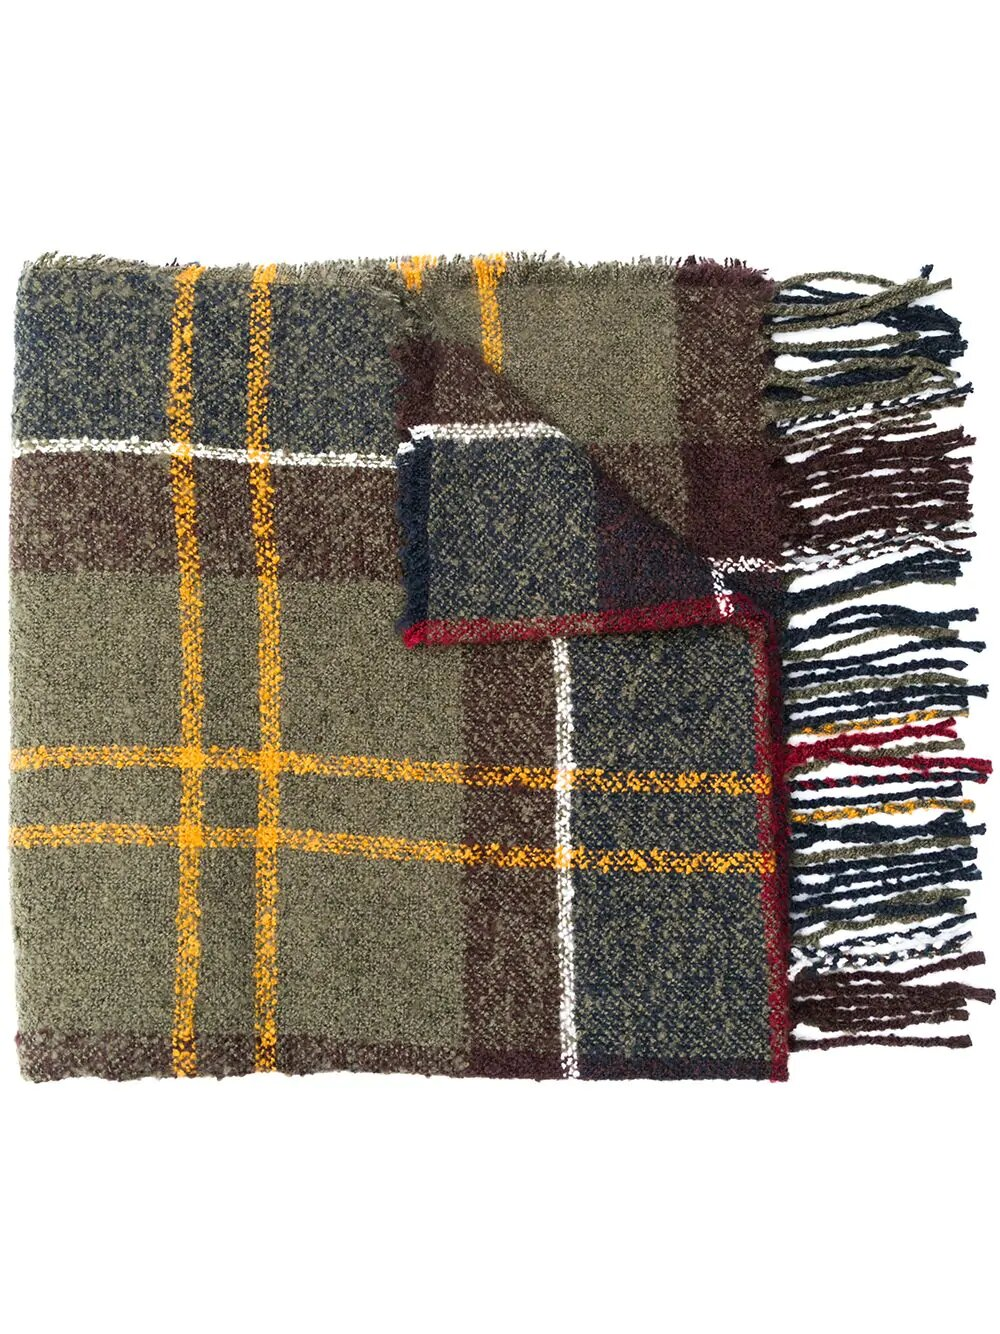 Barbour, tartan bouclé yarn scarf, 150лв